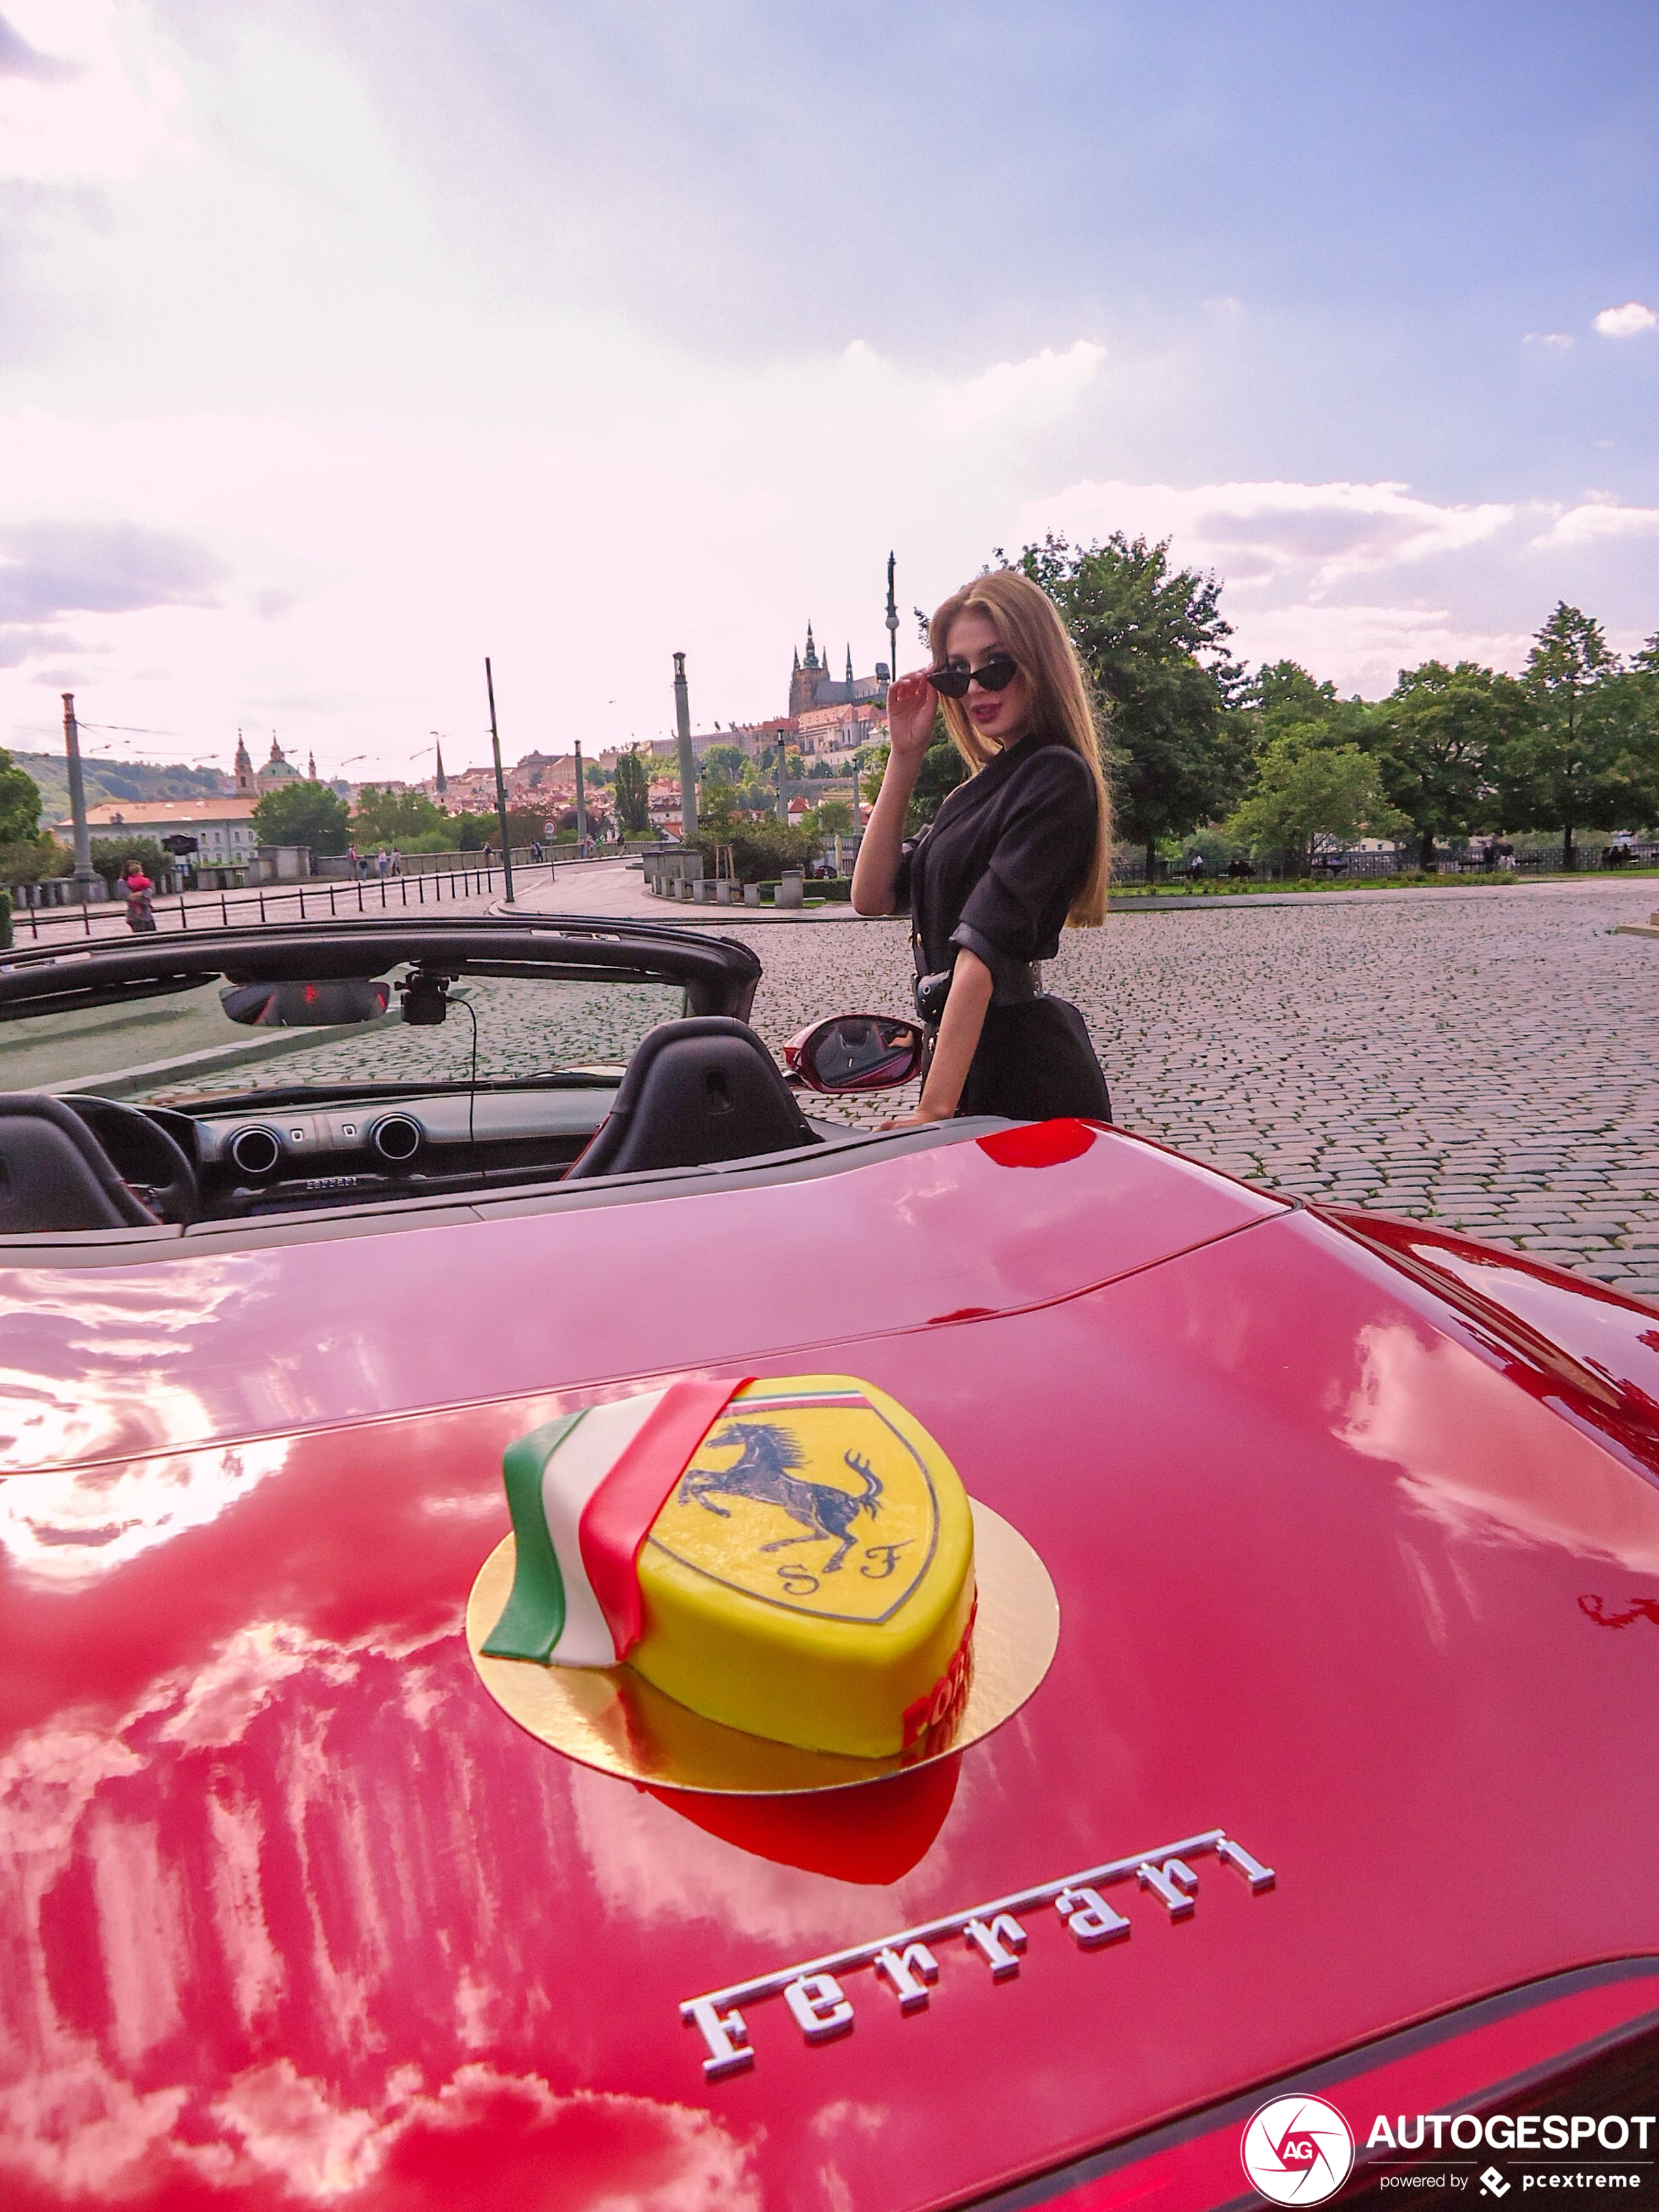 Ferrari Portofino wordt opgeleukt door vrouwelijk schoon